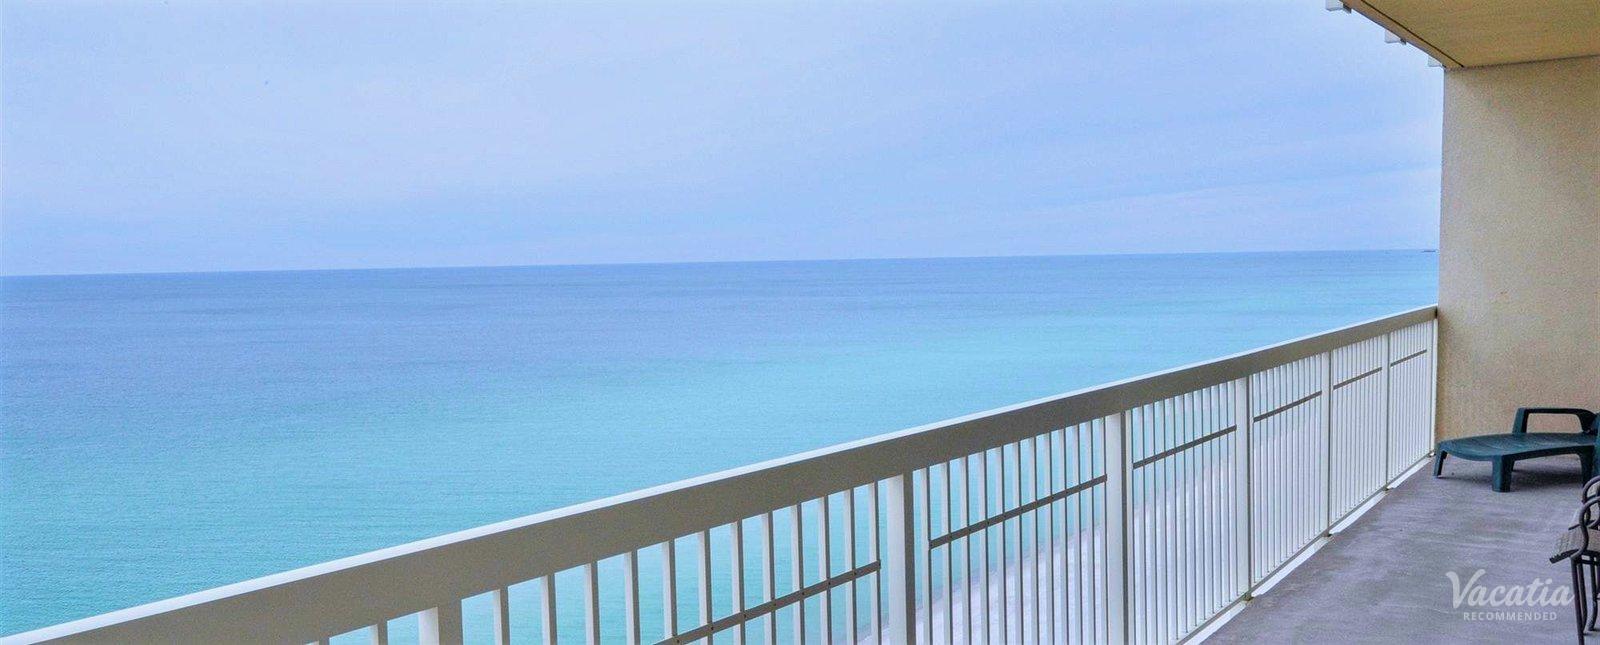 Celadon Beach Resort Panama City Beach Fl Vacatia